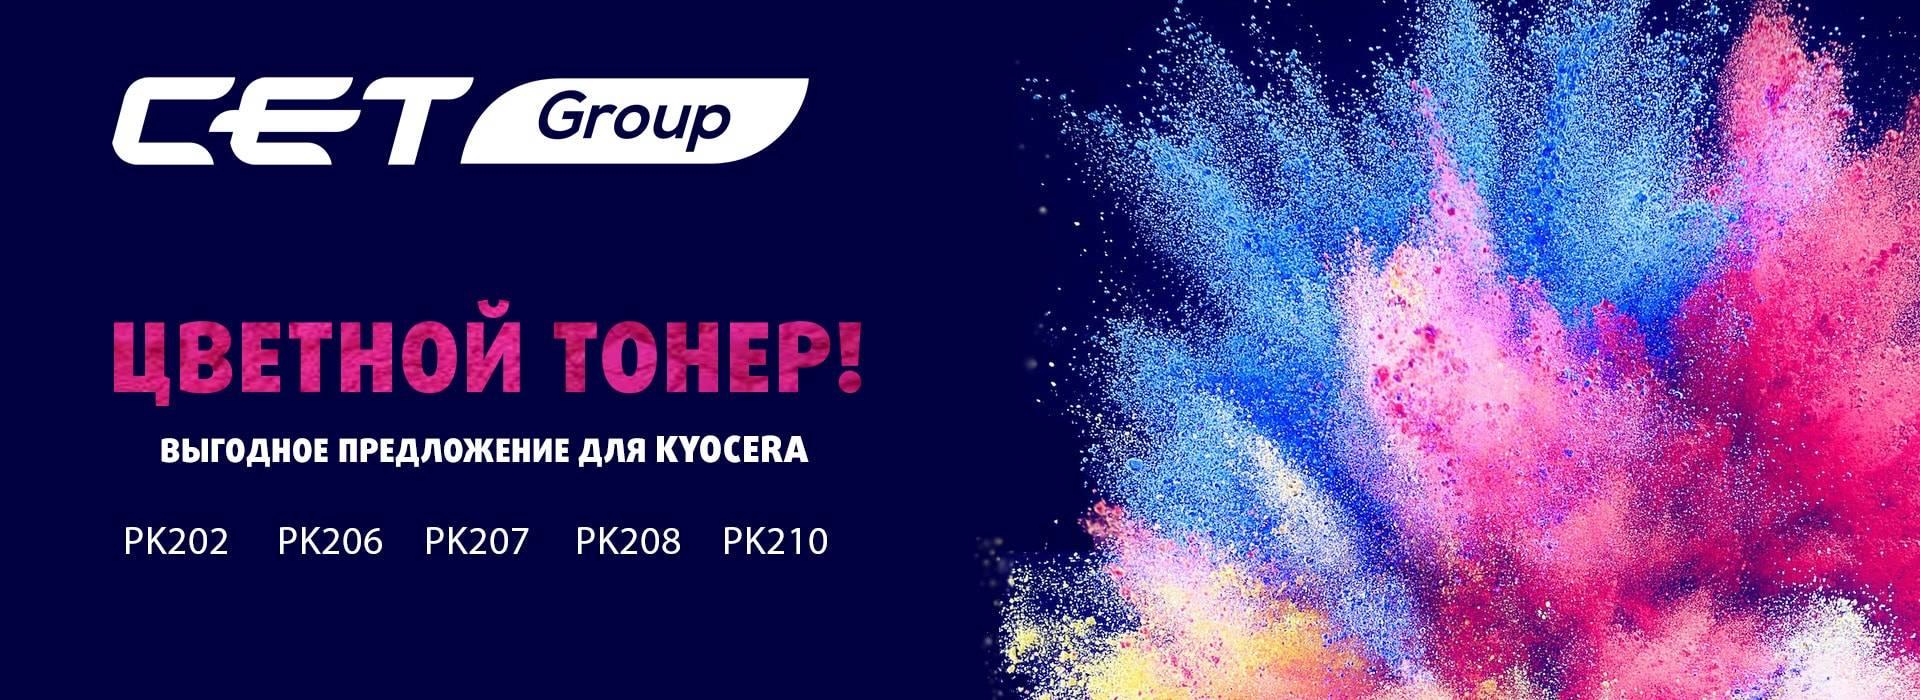 Тонеры для цветных машин Kyocera: PK202, PK206, PK207, PK208, PK210